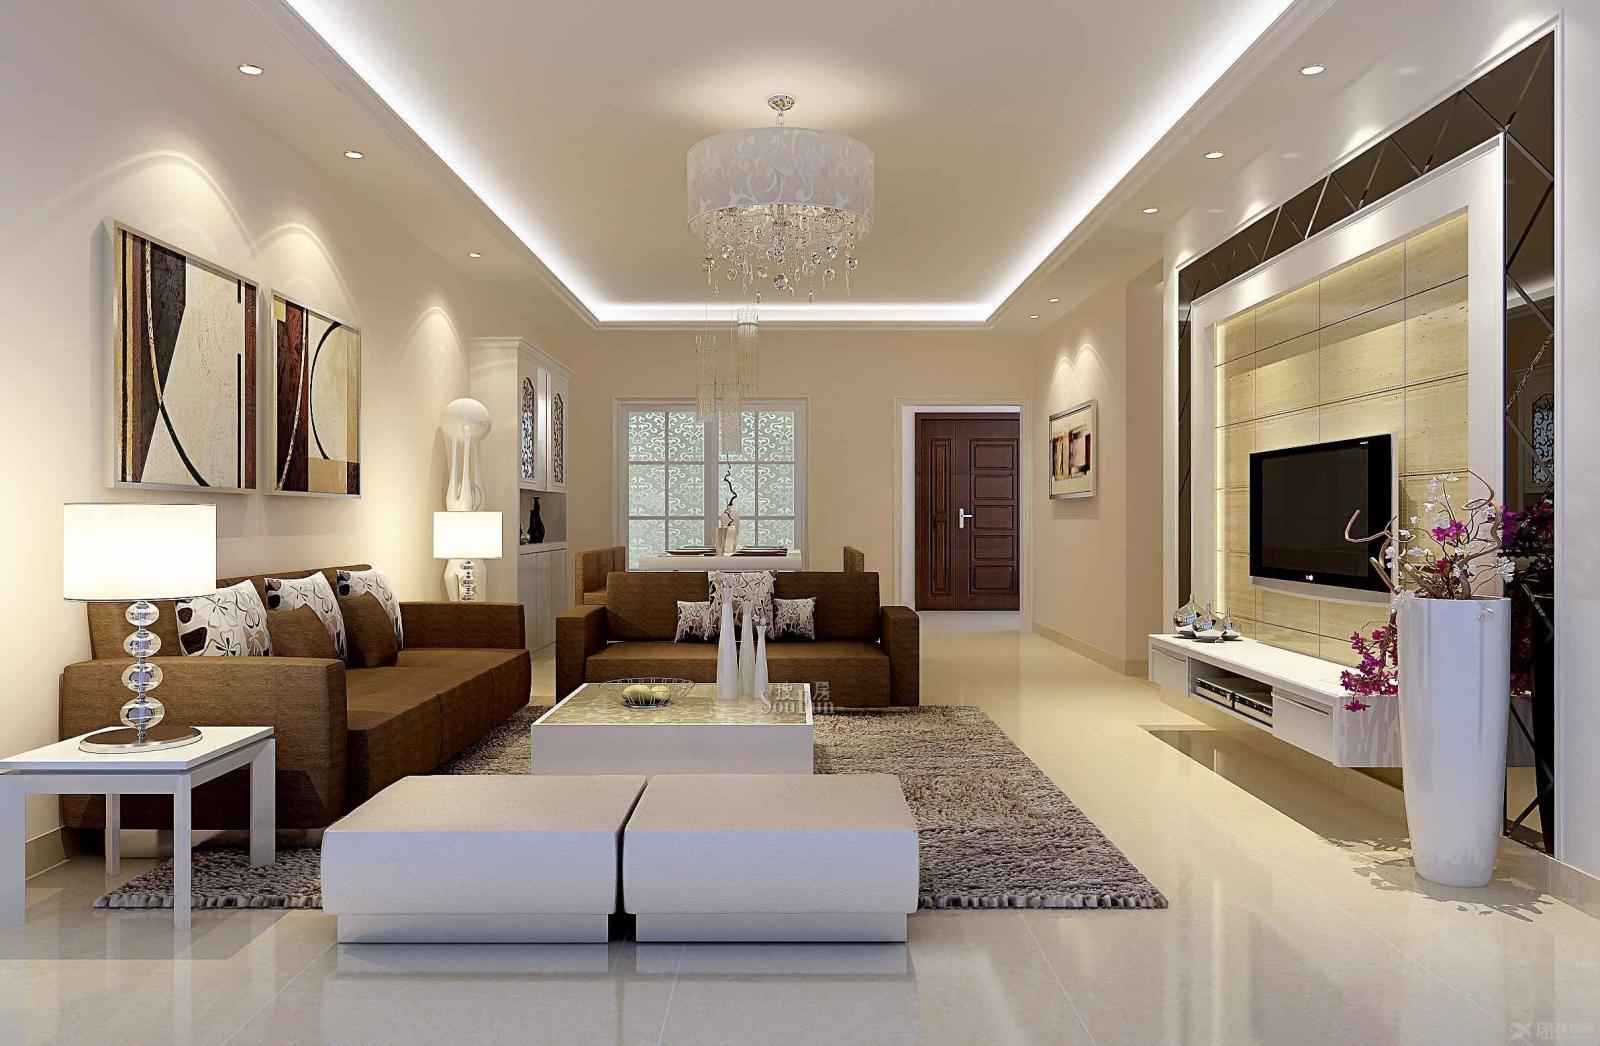 现代简约客厅装修效果图-x团装修网